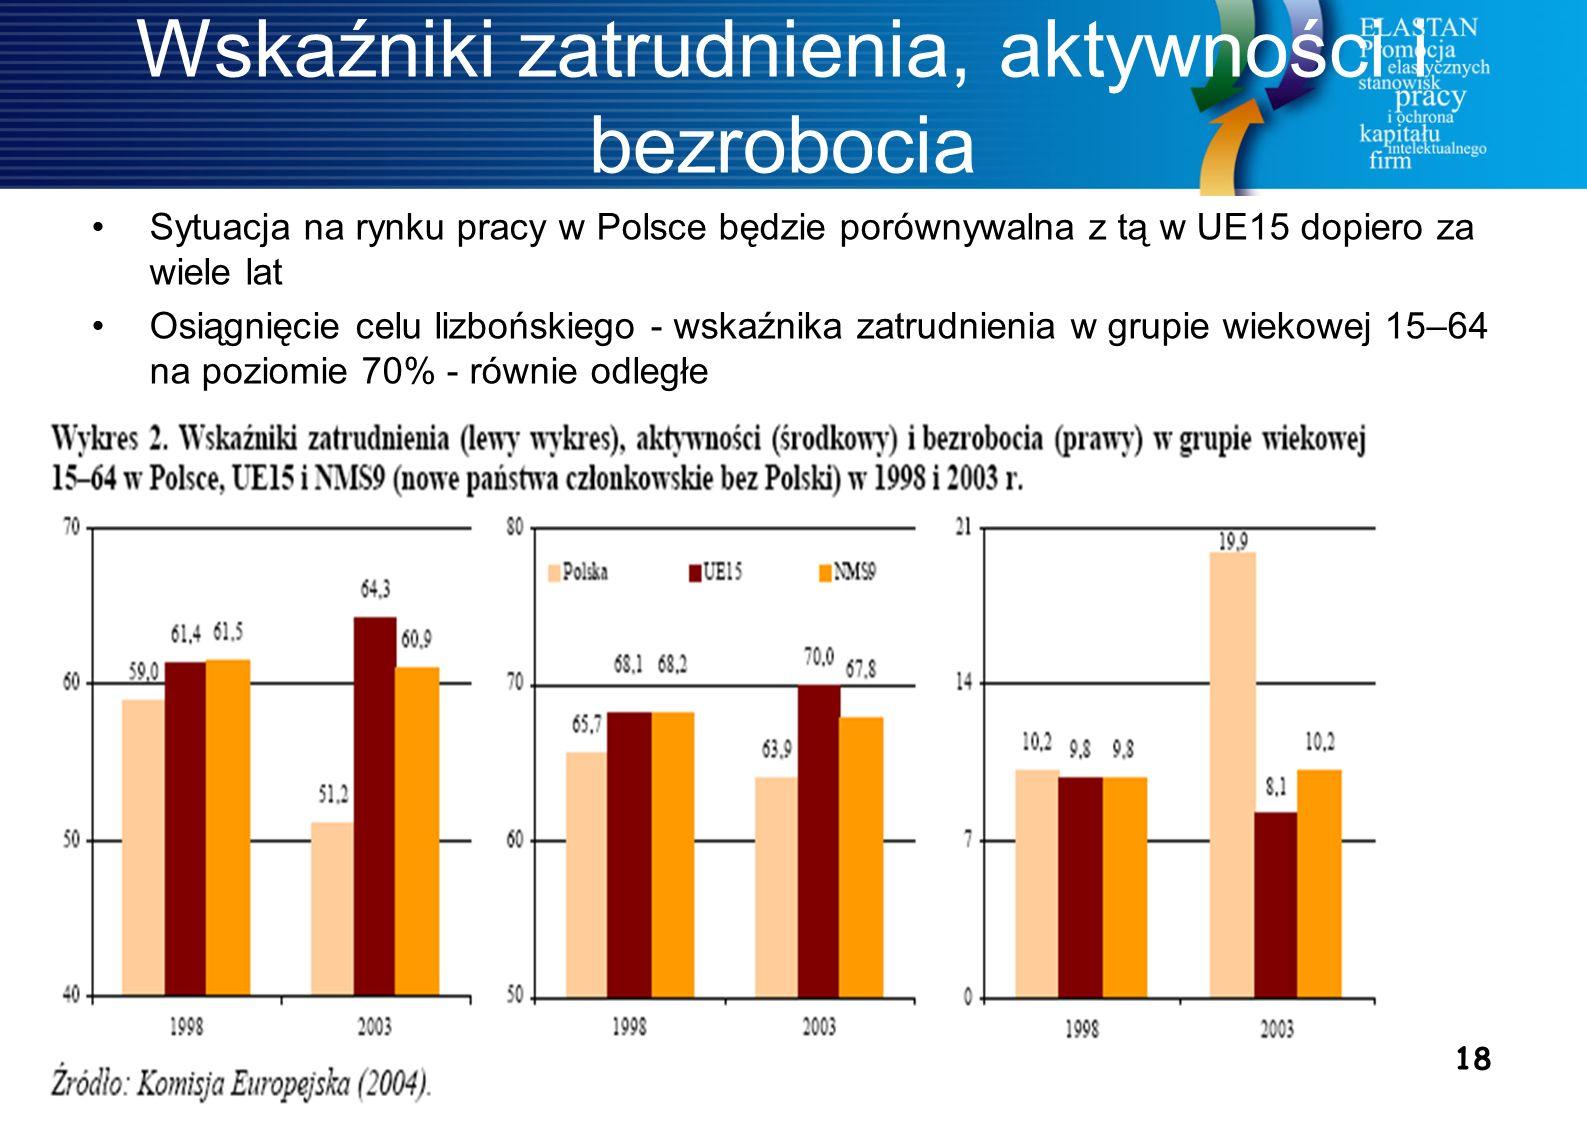 18 Wskaźniki zatrudnienia, aktywności i bezrobocia Sytuacja na rynku pracy w Polsce będzie porównywalna z tą w UE15 dopiero za wiele lat Osiągnięcie celu lizbońskiego - wskaźnika zatrudnienia w grupie wiekowej 15–64 na poziomie 70% - równie odległe